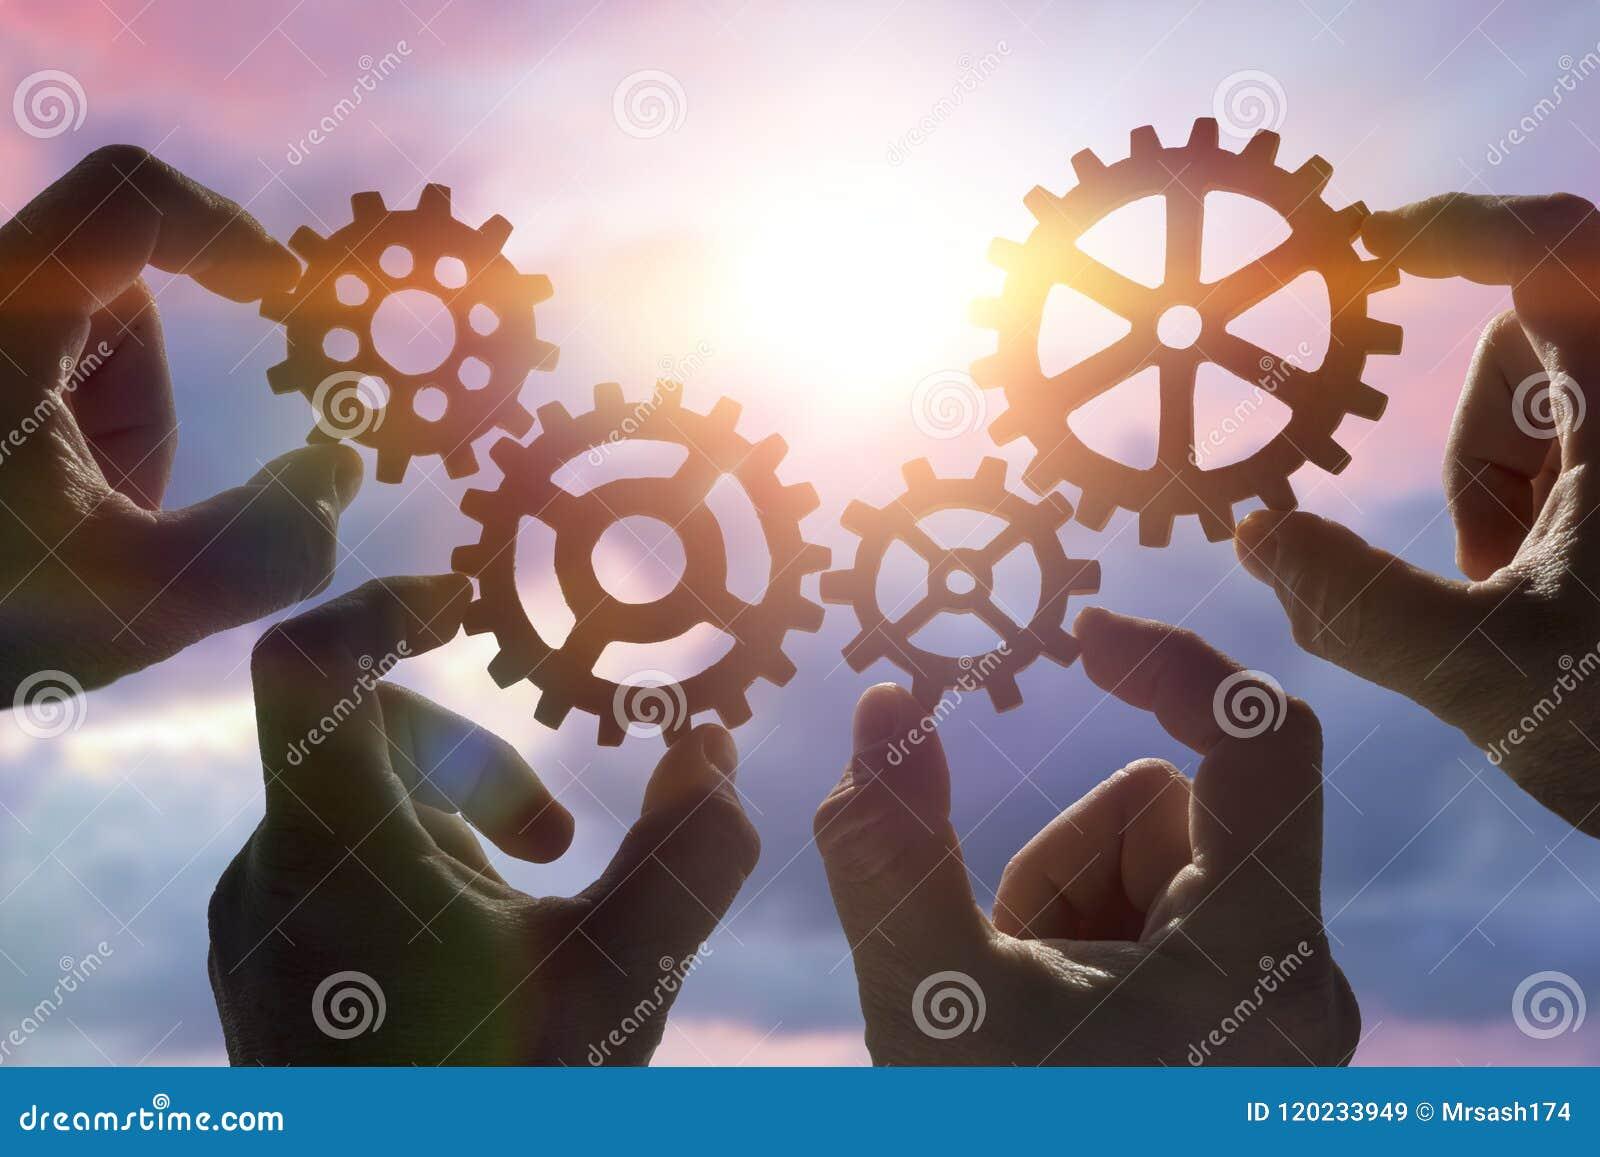 Quatro mãos recolhem um enigma das engrenagens, na perspectiva do céu no por do sol